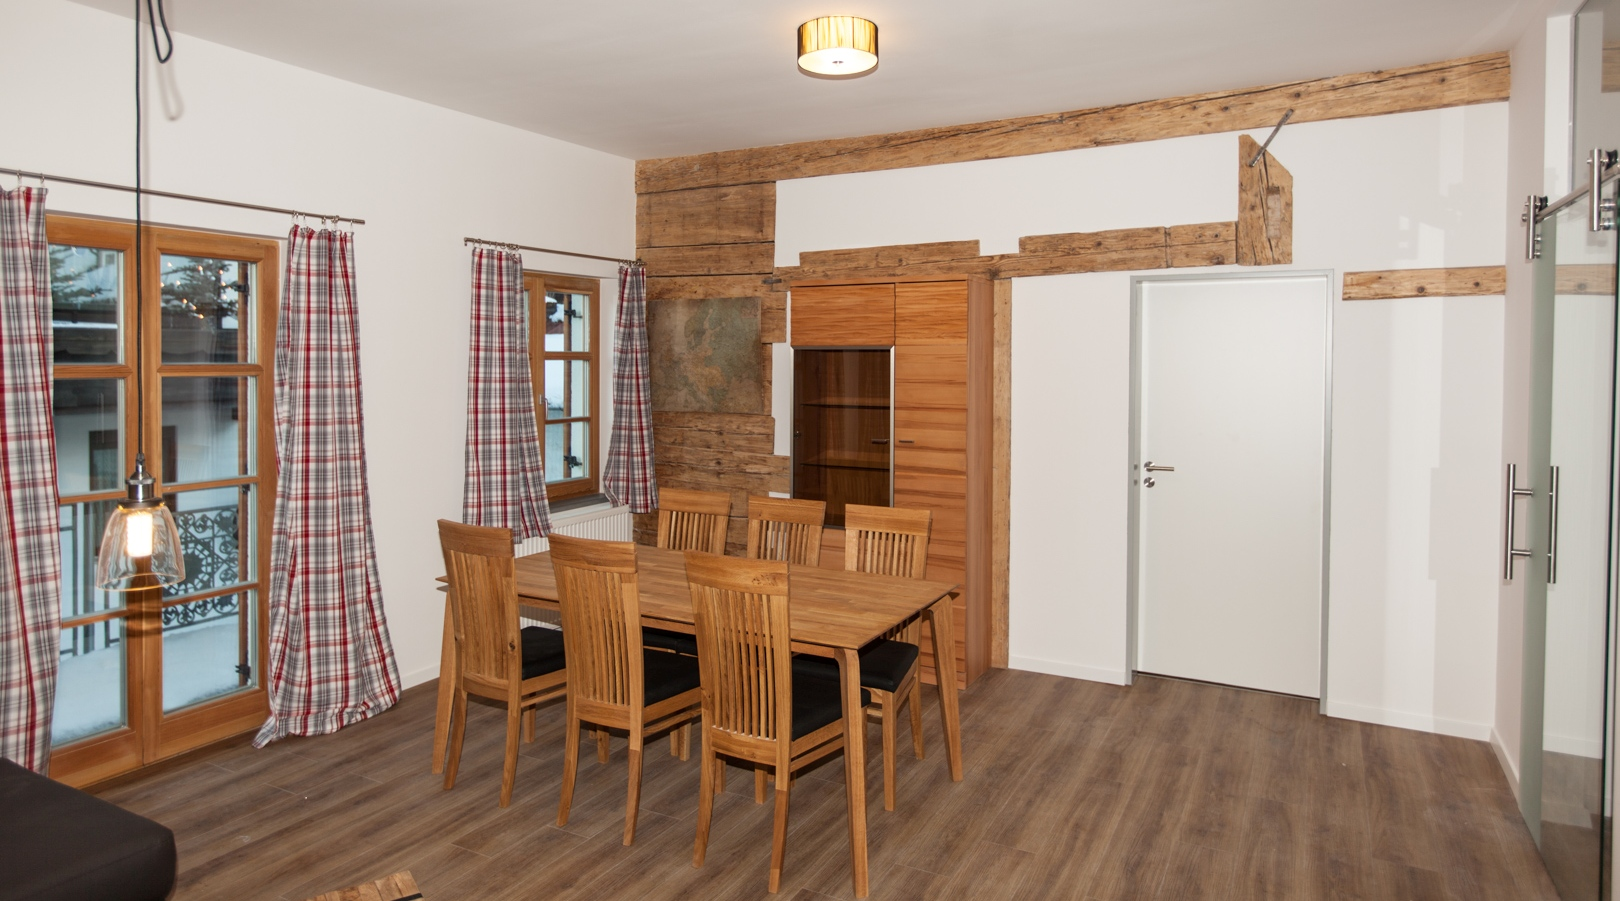 Ferienwohnung Georg Mayer Haus / Wohnung 8 (2397457), Oberstdorf, Allgäu (Bayern), Bayern, Deutschland, Bild 2